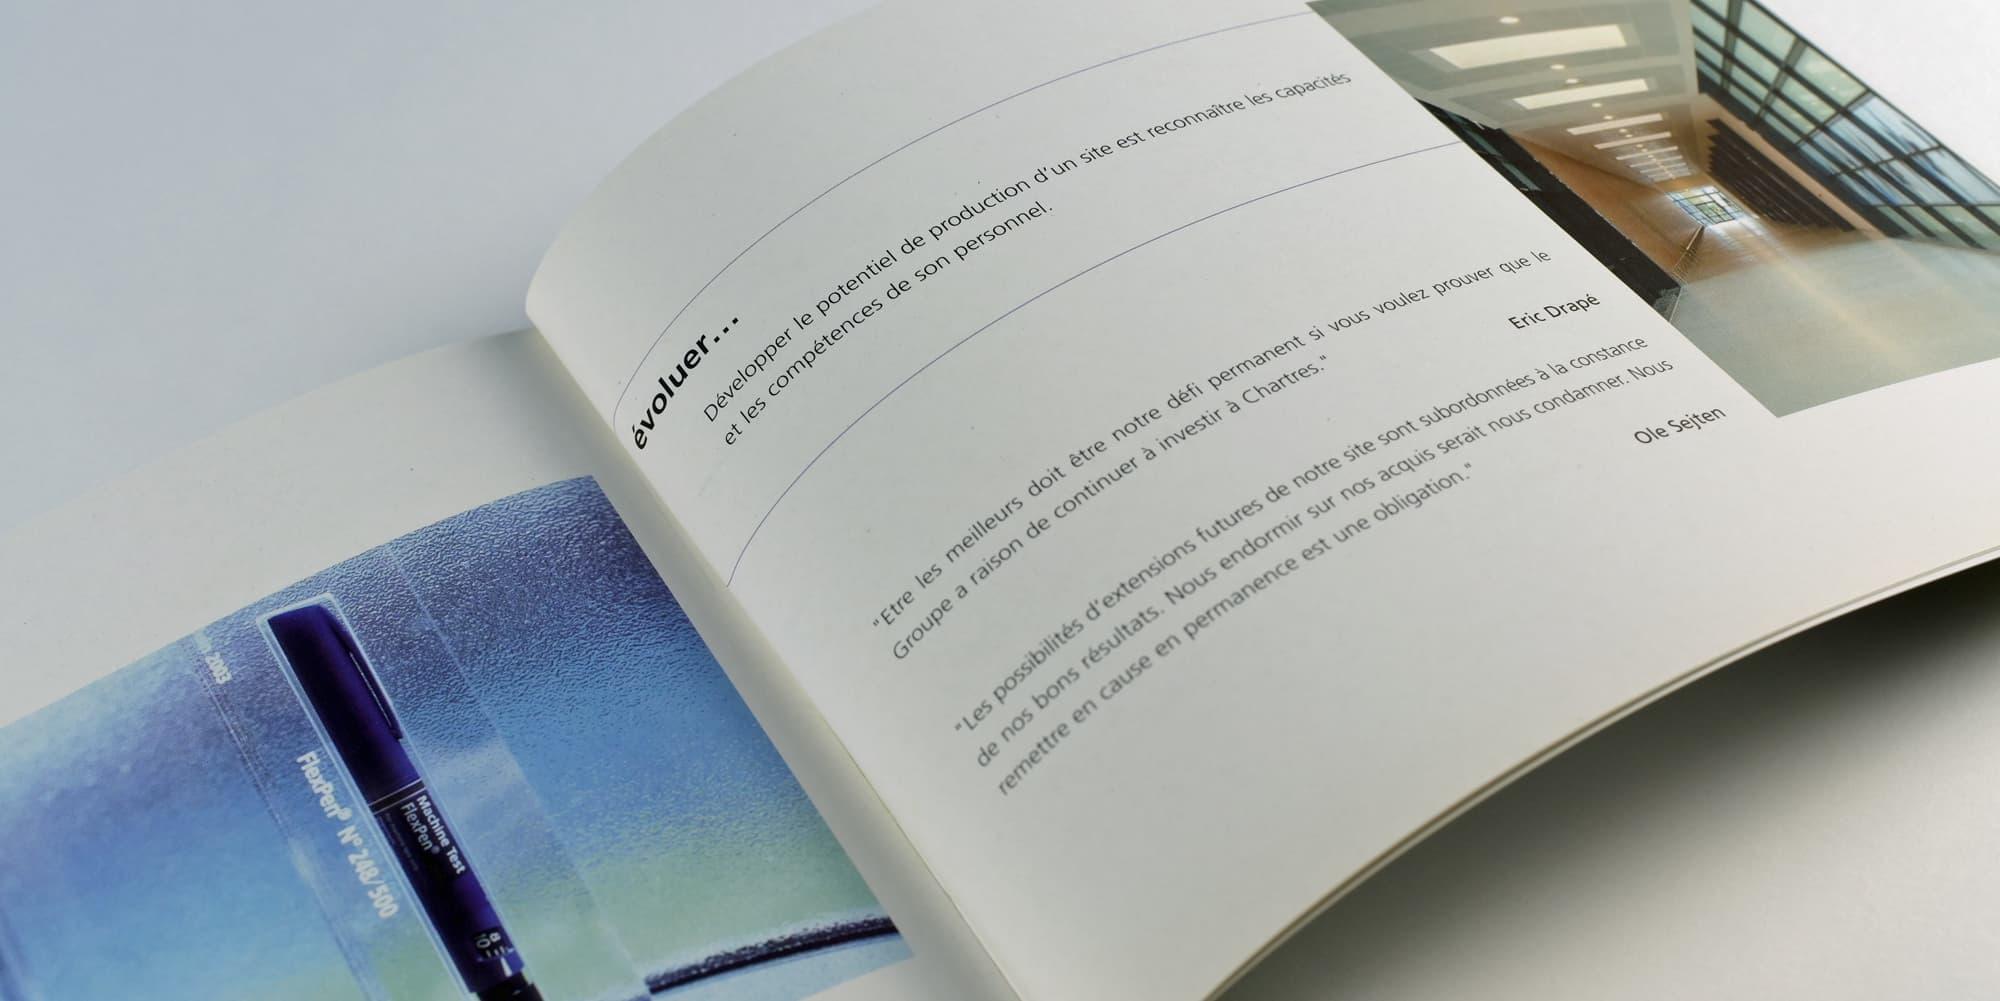 Livre d'images pour Novo Nordisk, laboratoire pharmaceutique mondial